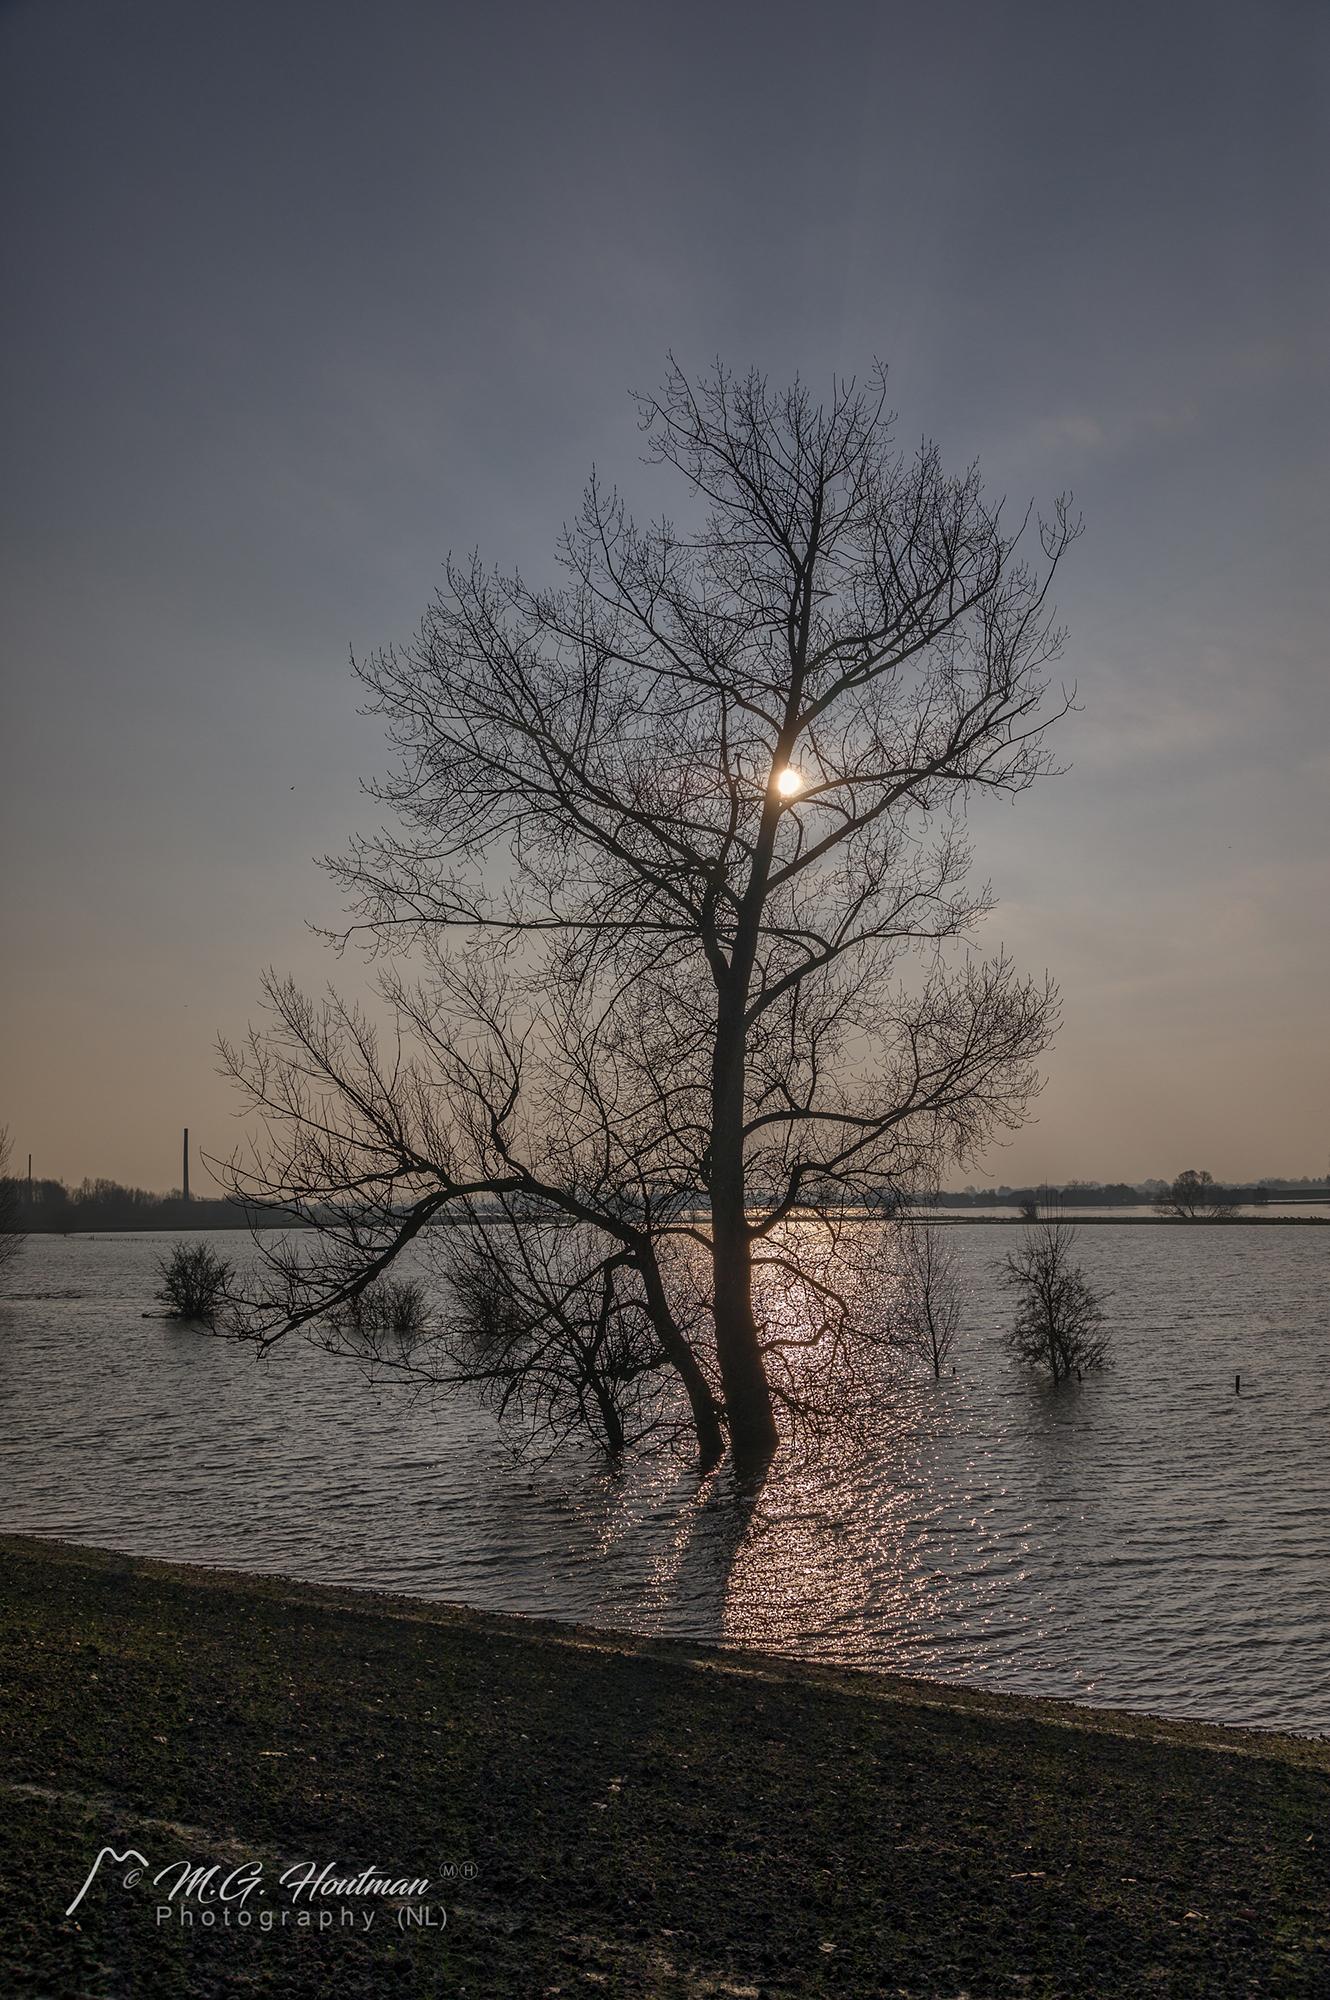 Eenzame boom in de uiterwaarde